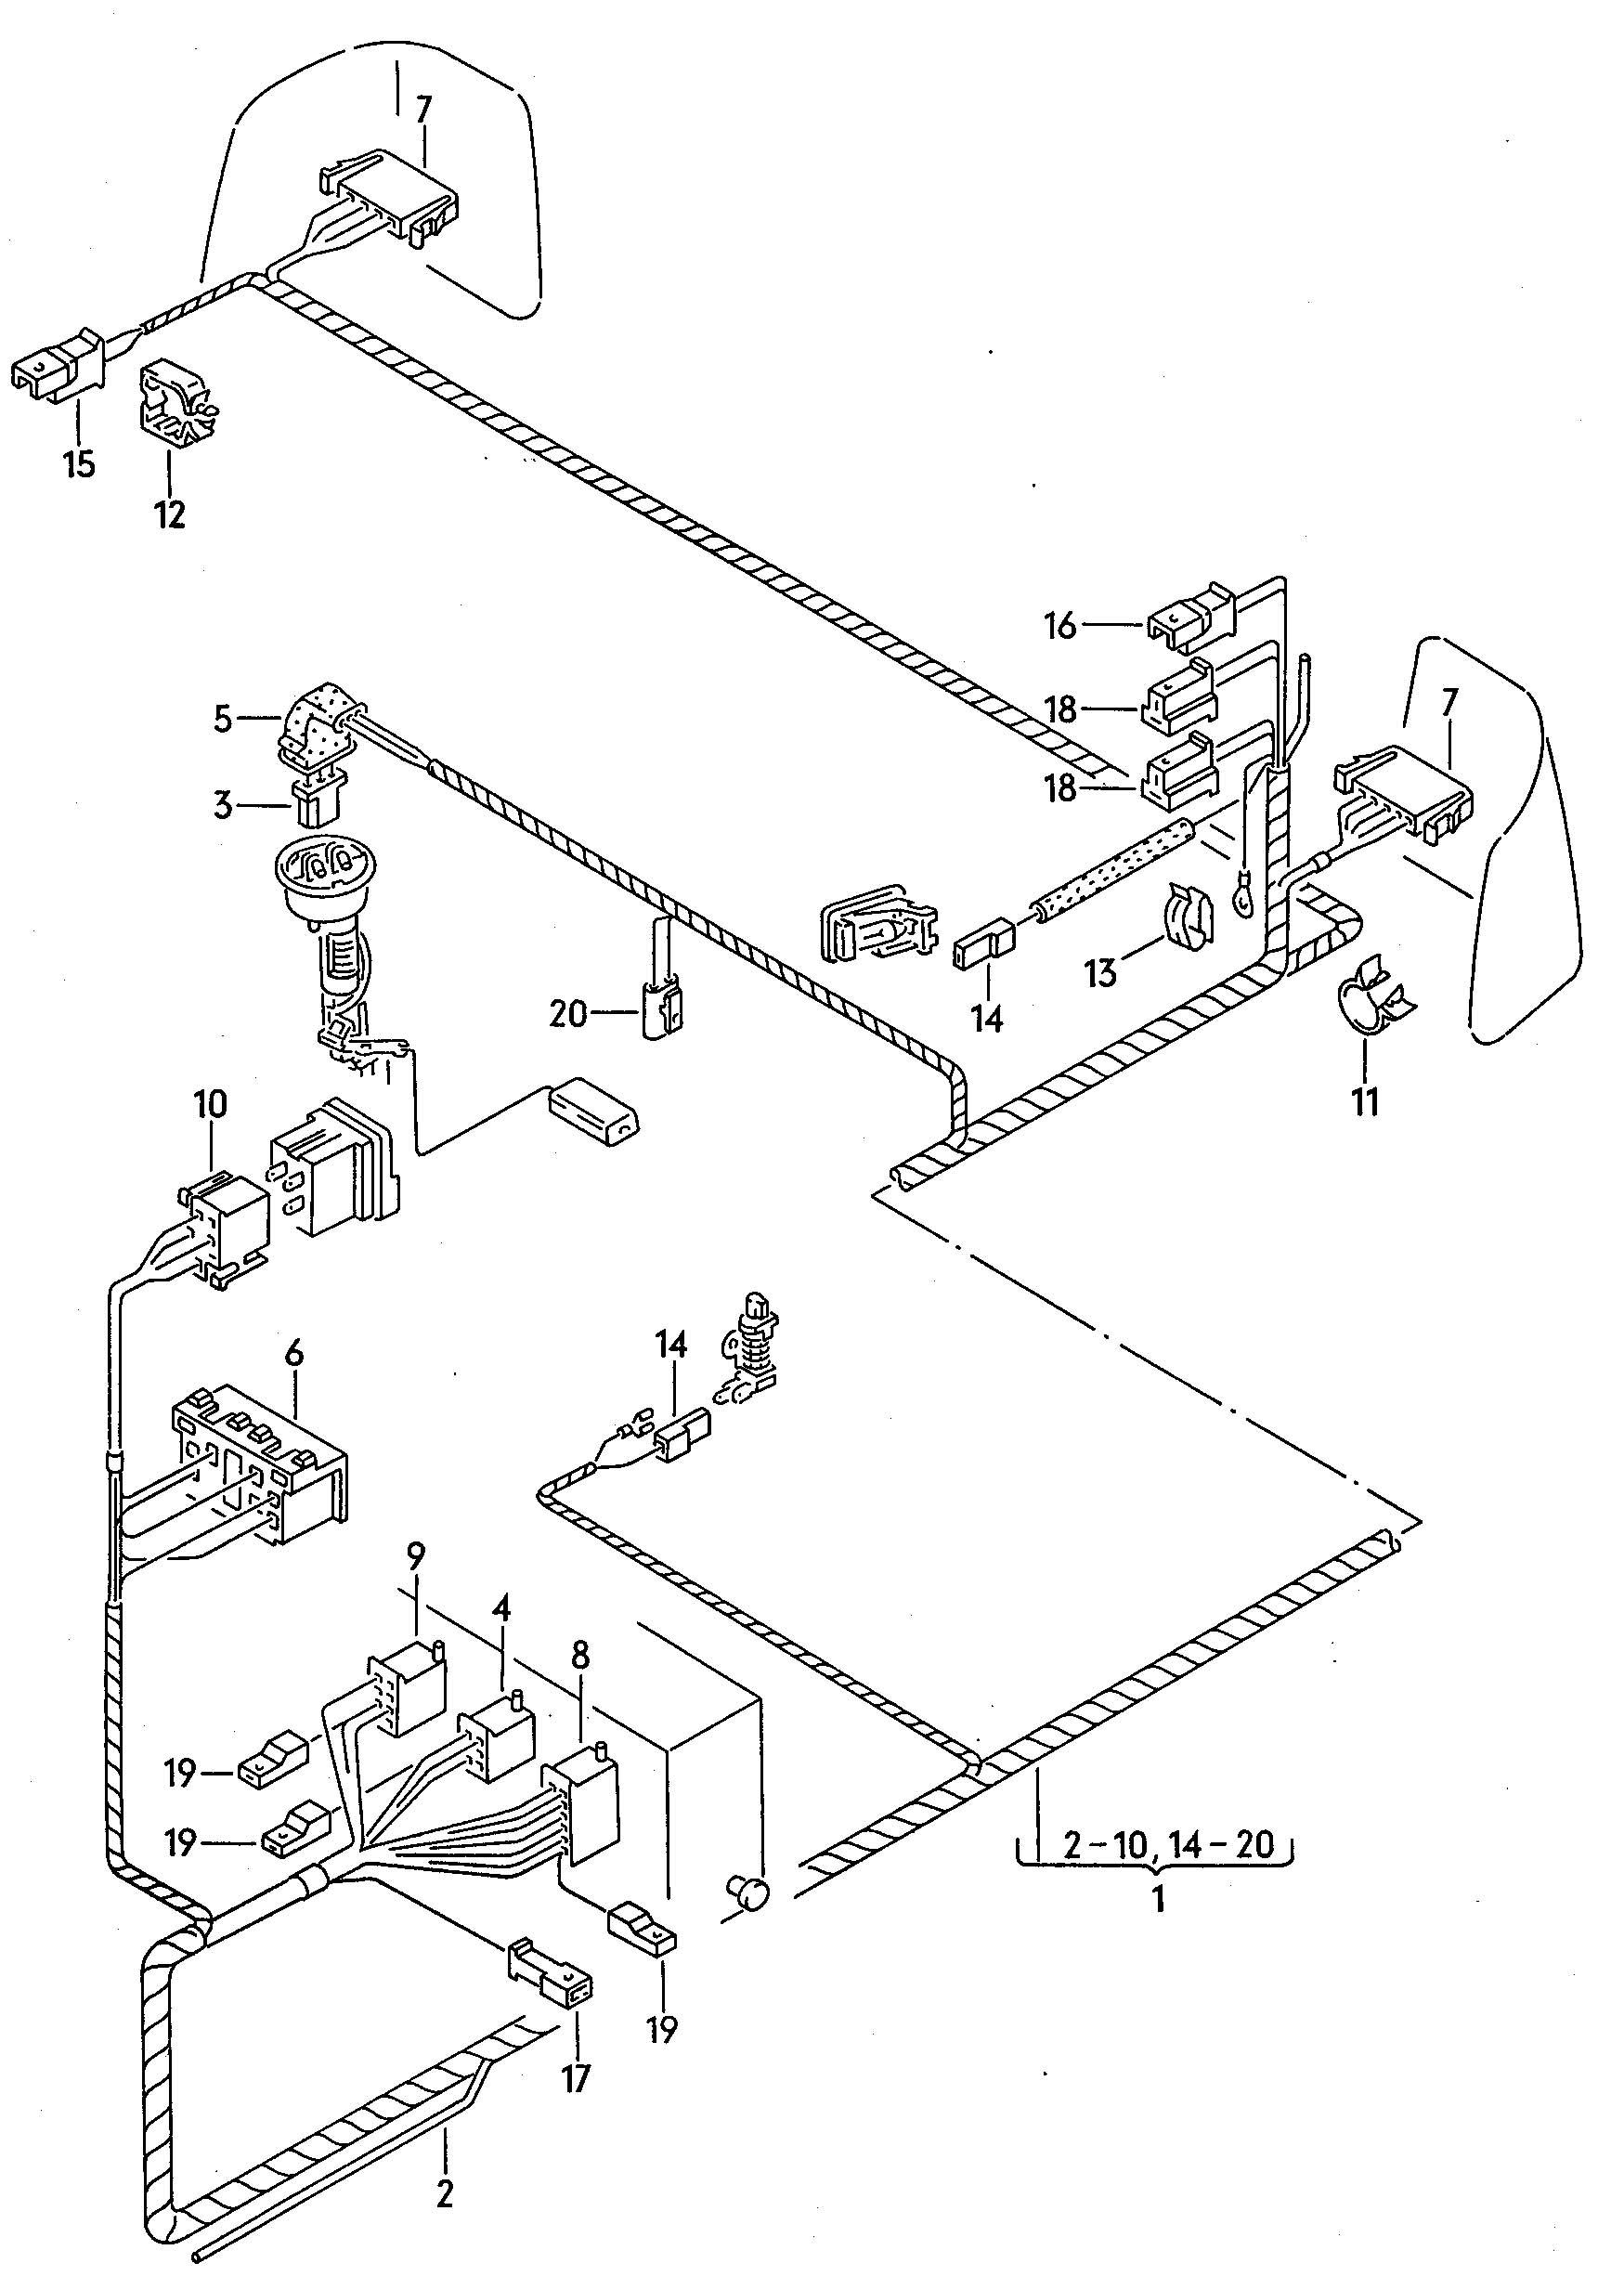 12 volt fog l wiring diagram schematic